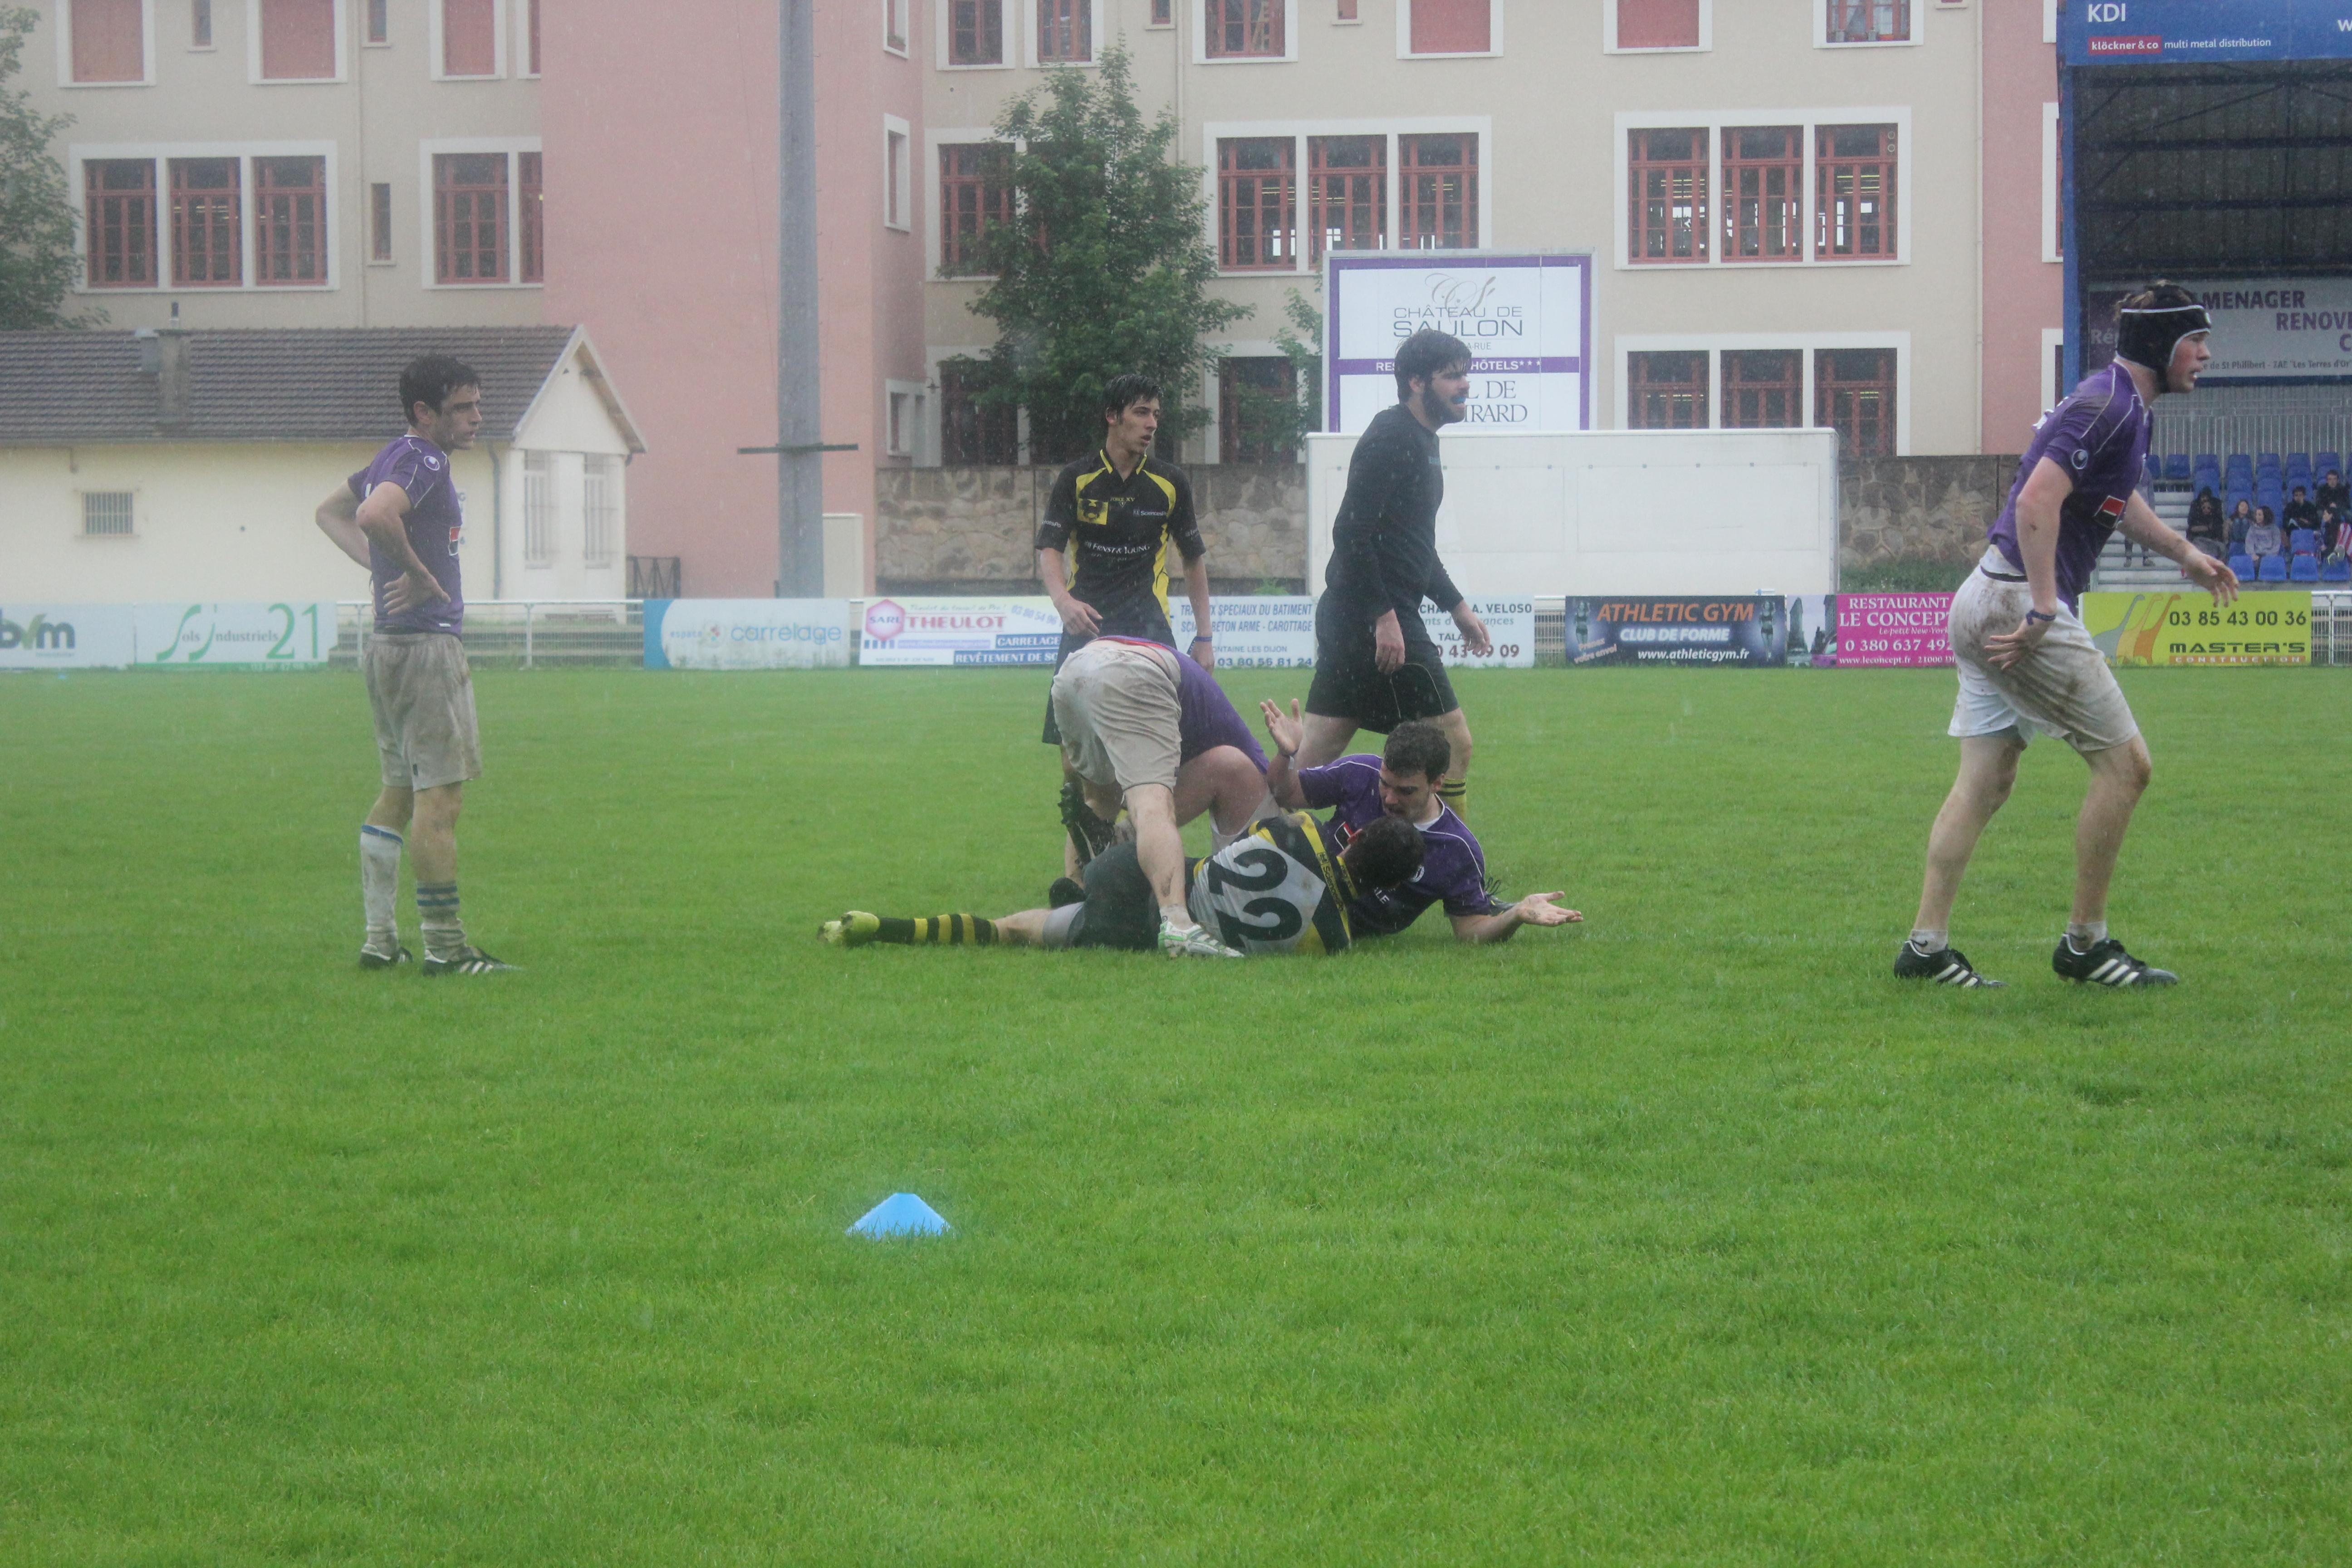 Les rugbymen veulent prendre leur revanche!